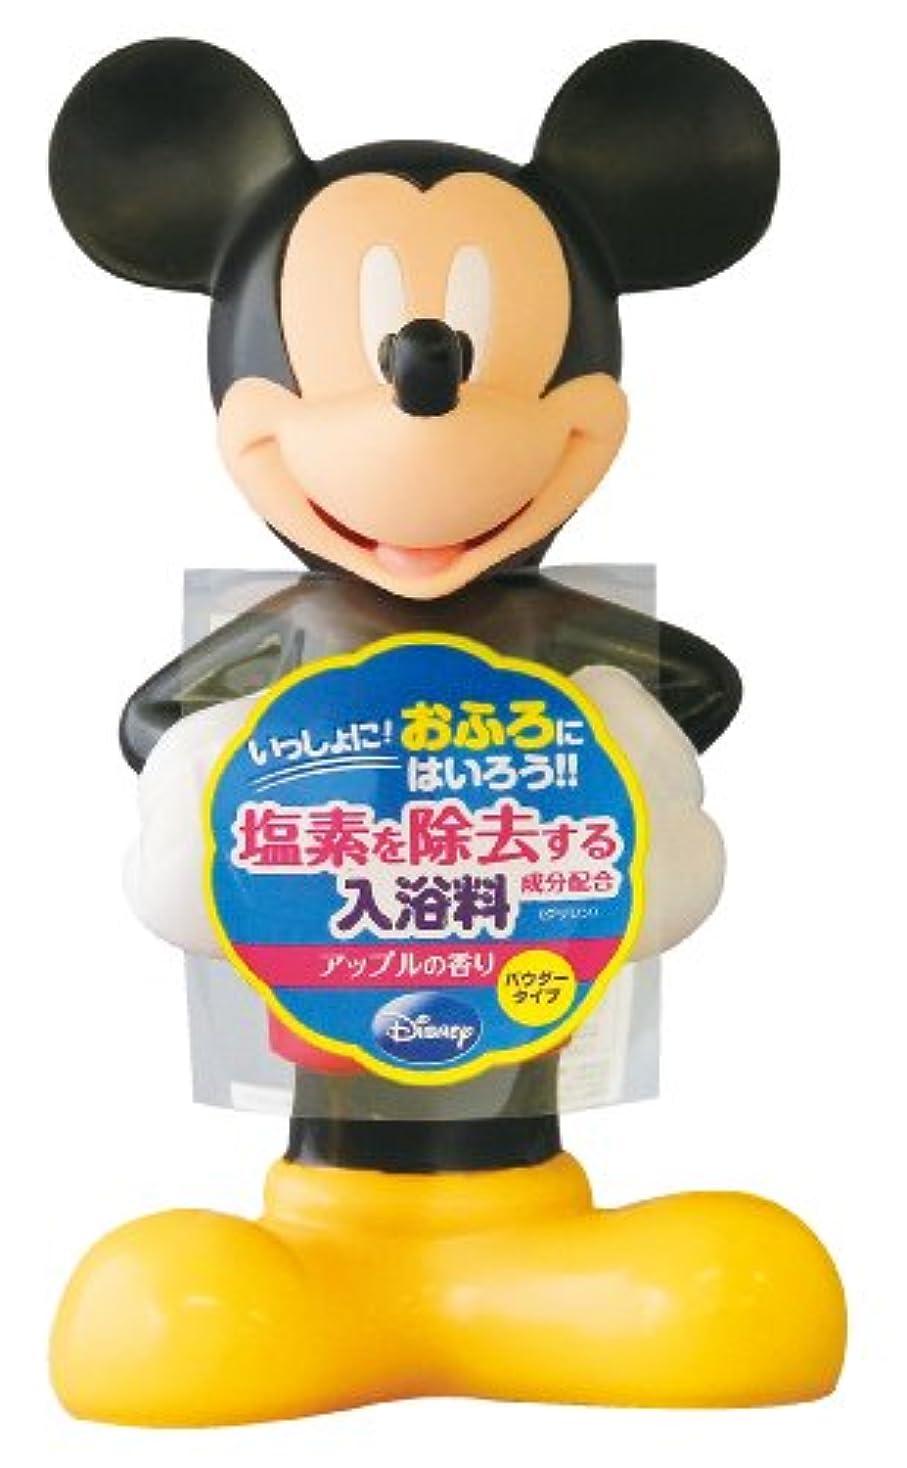 明示的に接続詞砂漠ディズニー バスタイム 3D入浴料 ミッキーマウス 180g